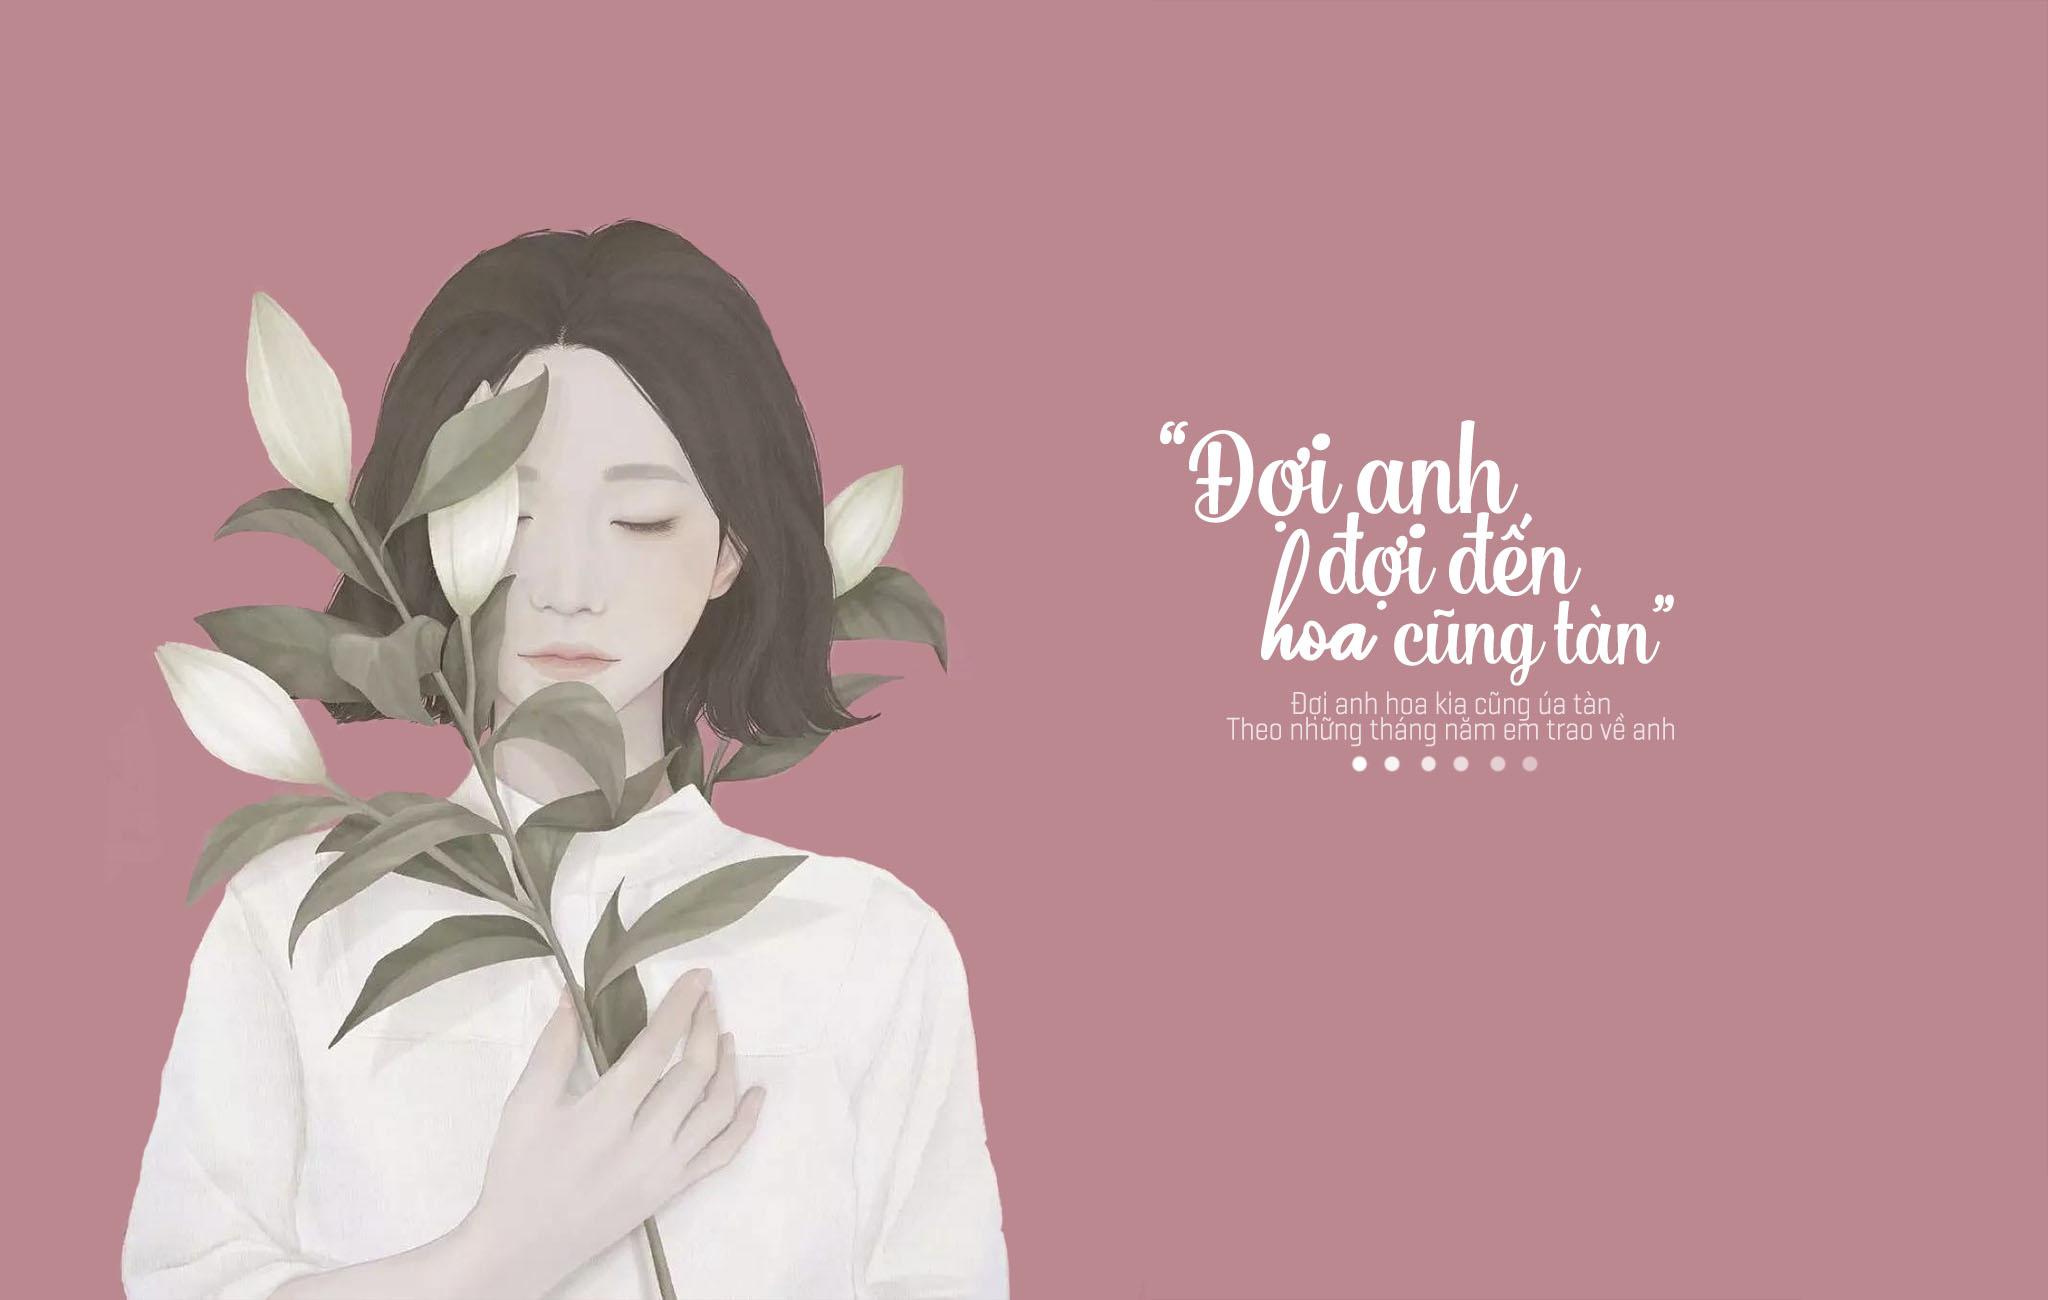 Những hình ảnh quotes buồn đẹp nhất về tình yêu đơn phương